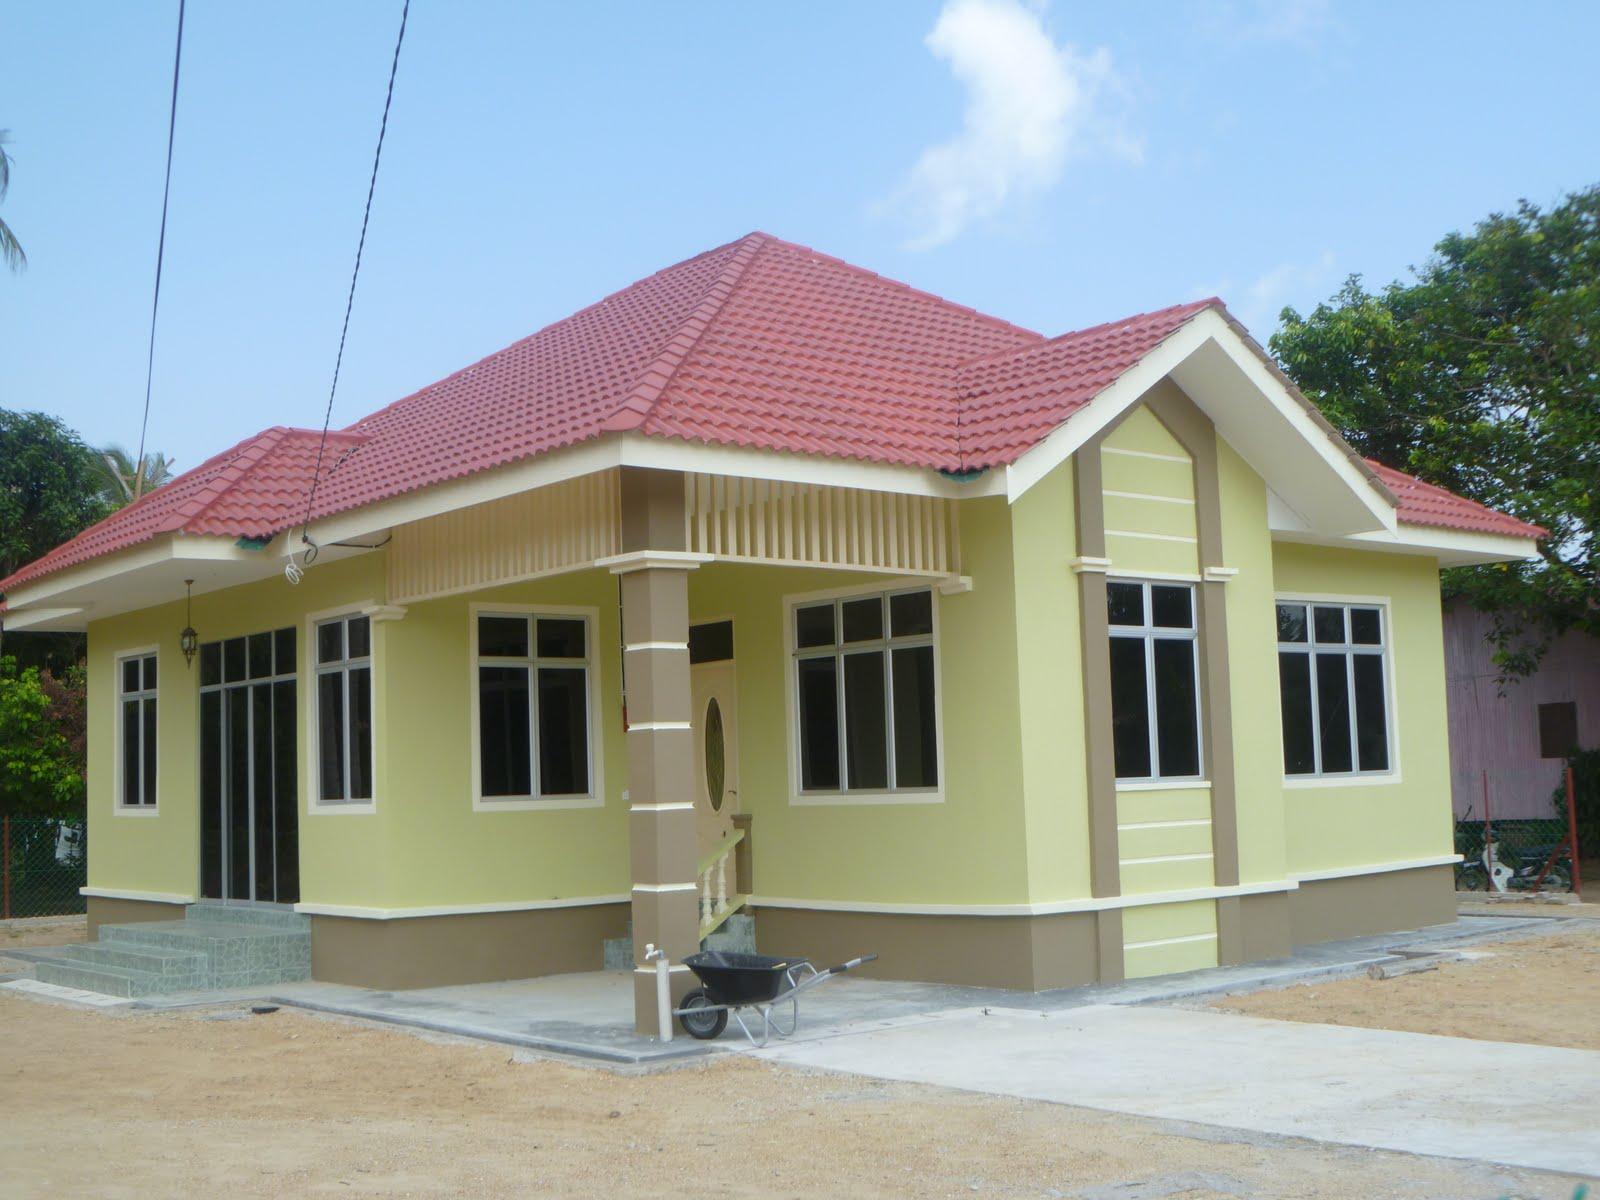 54 Desain Rumah Sederhana di Kampung Yang Terlihat Cantik ...